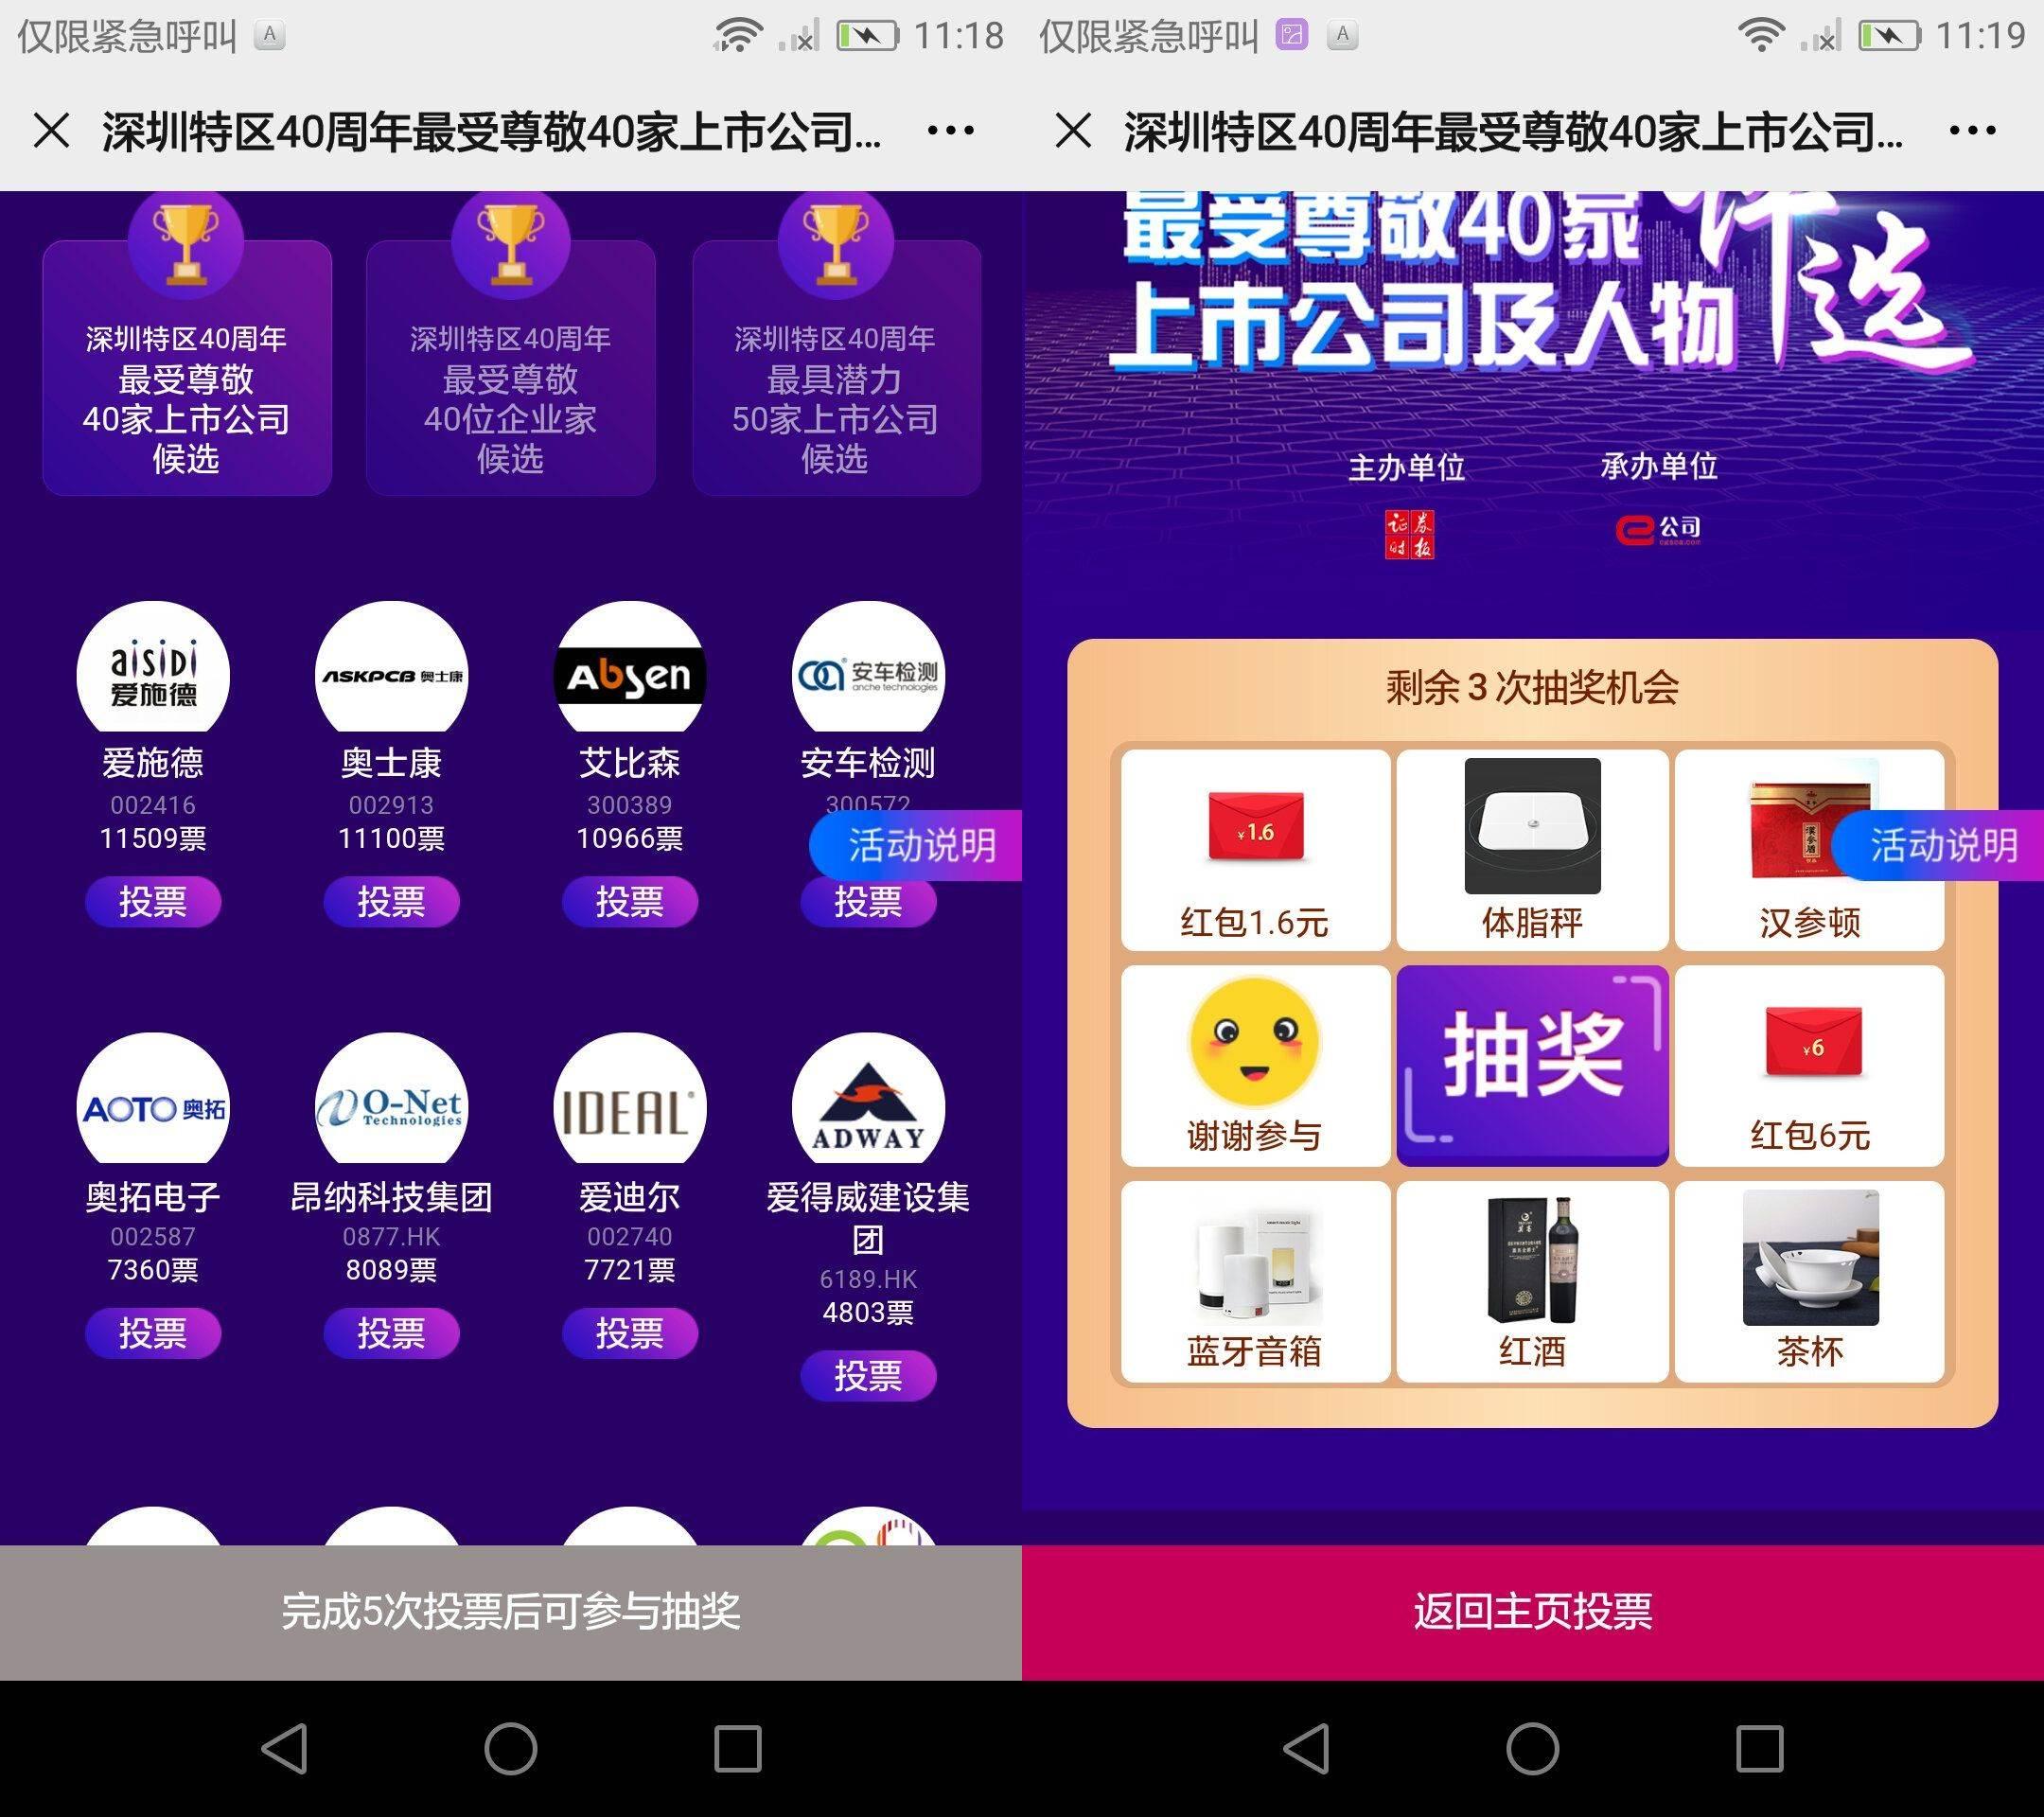 深圳40周年评选投票抽红包活动